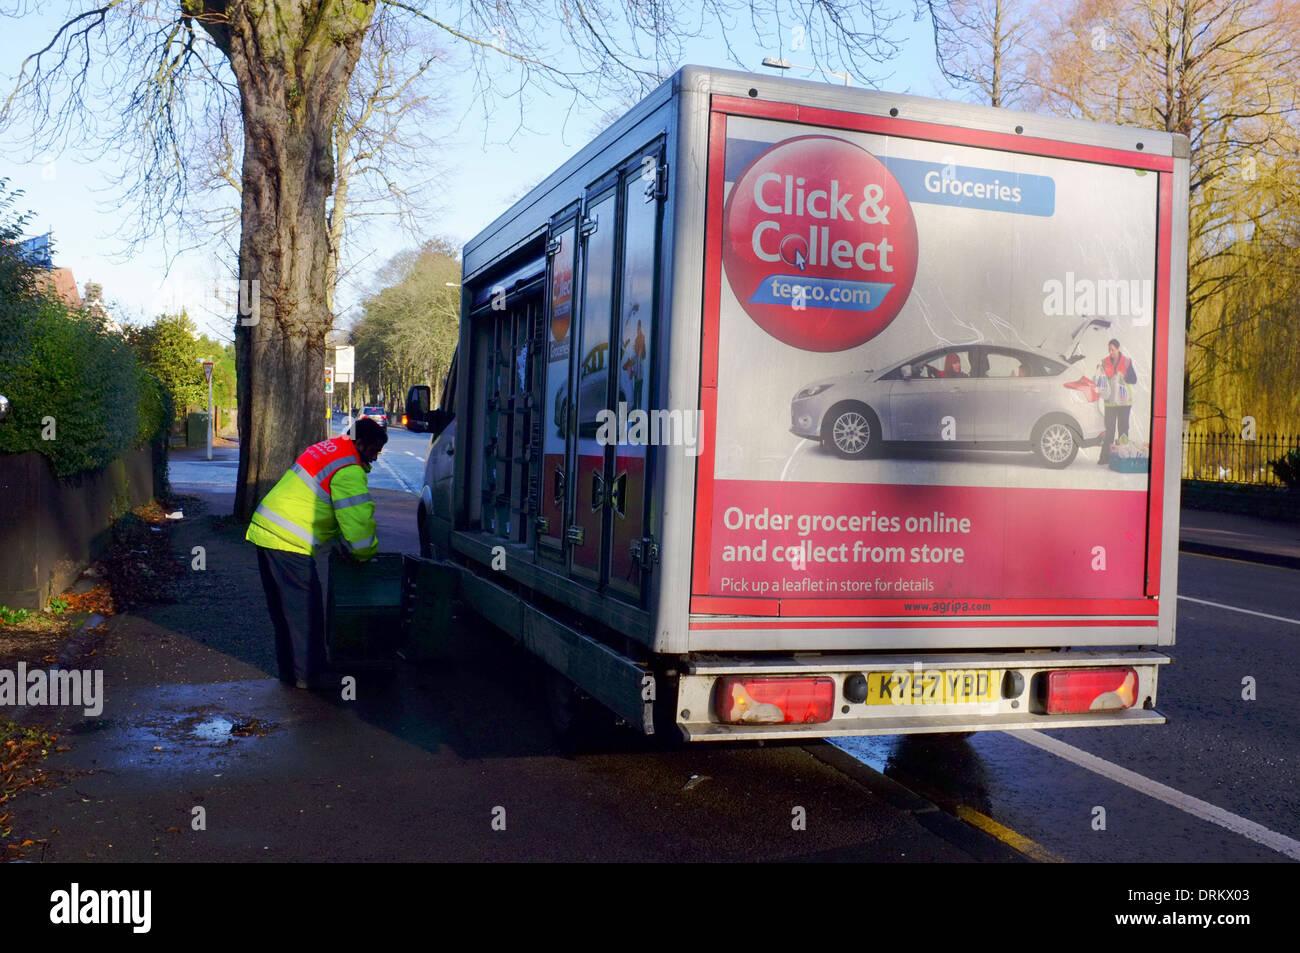 Tesco Nach Hause Liefern Lkw Mit Fahrer Entladen Lebensmittel